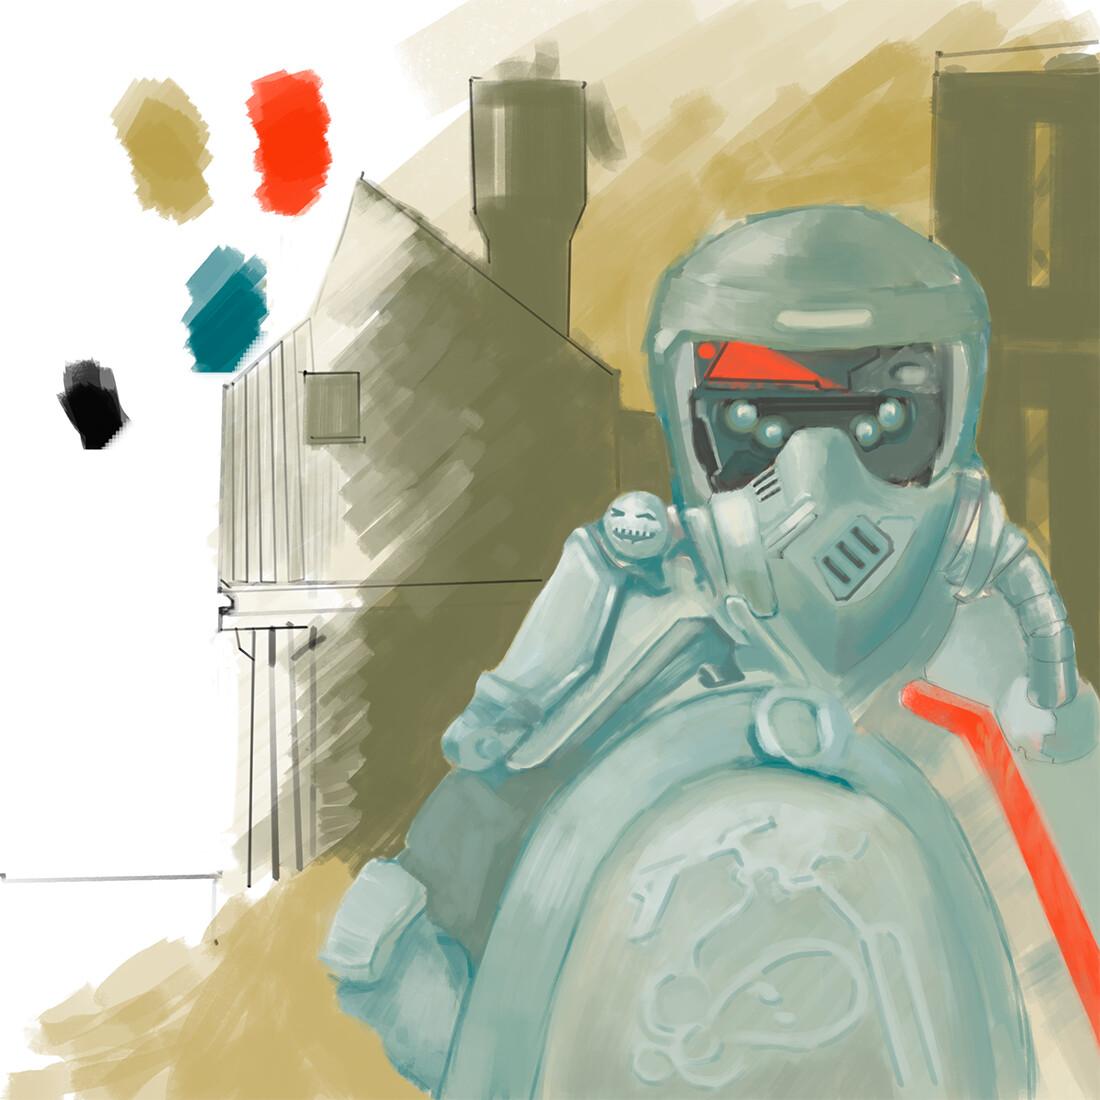 Shield shell concept art. digital 2D/Wacom Intuos S